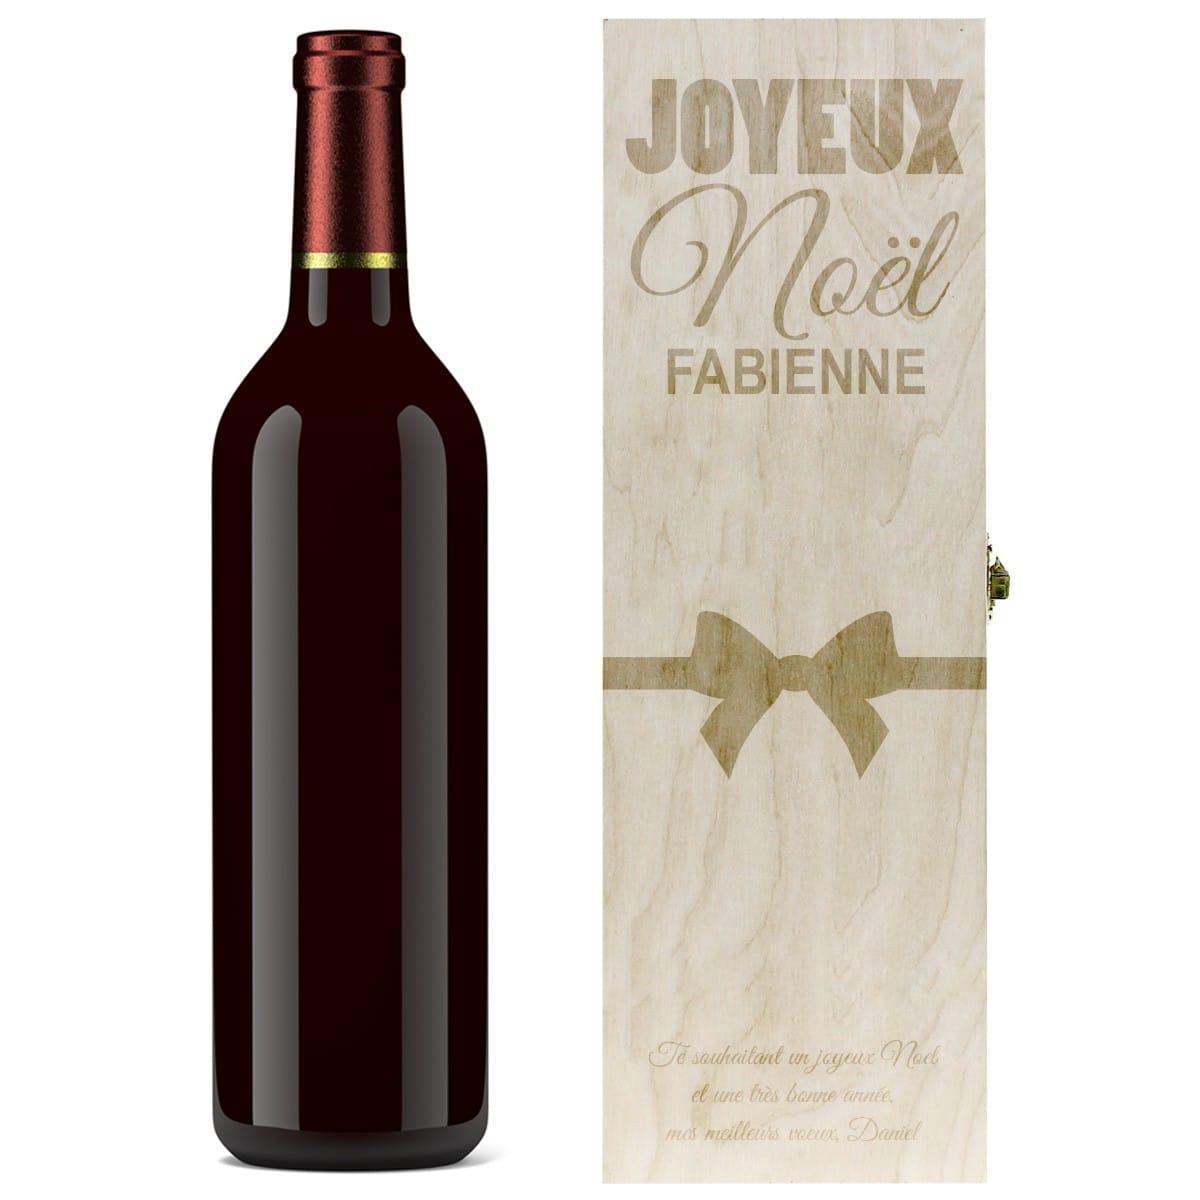 Vin Saint Estèphe : L'un des vins que je vous conseille